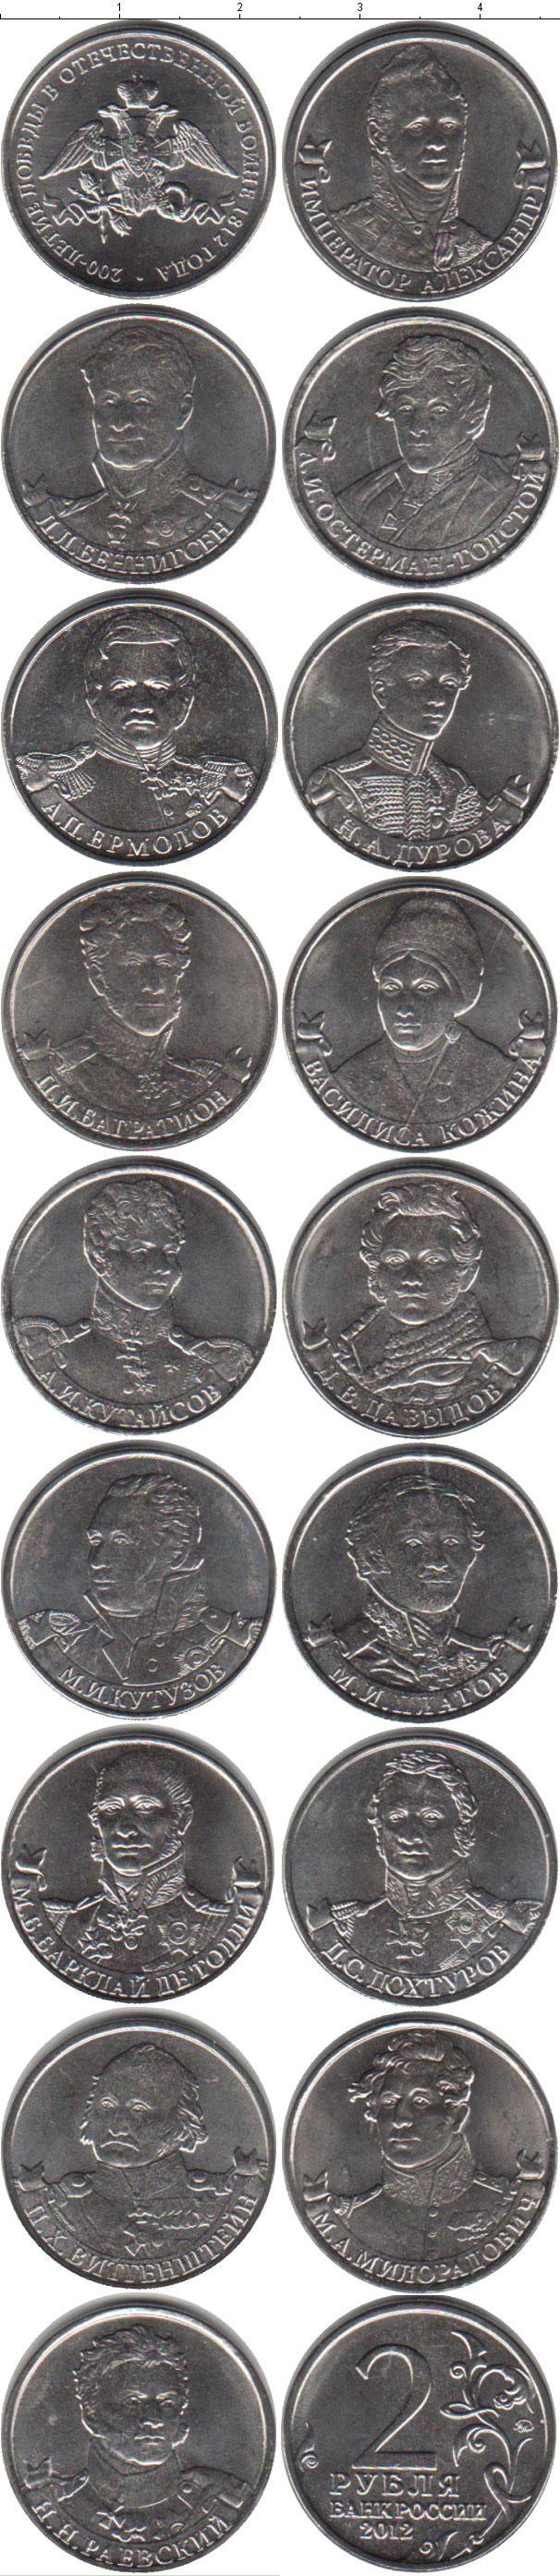 обмен мелочи на юбилейные монеты в москве